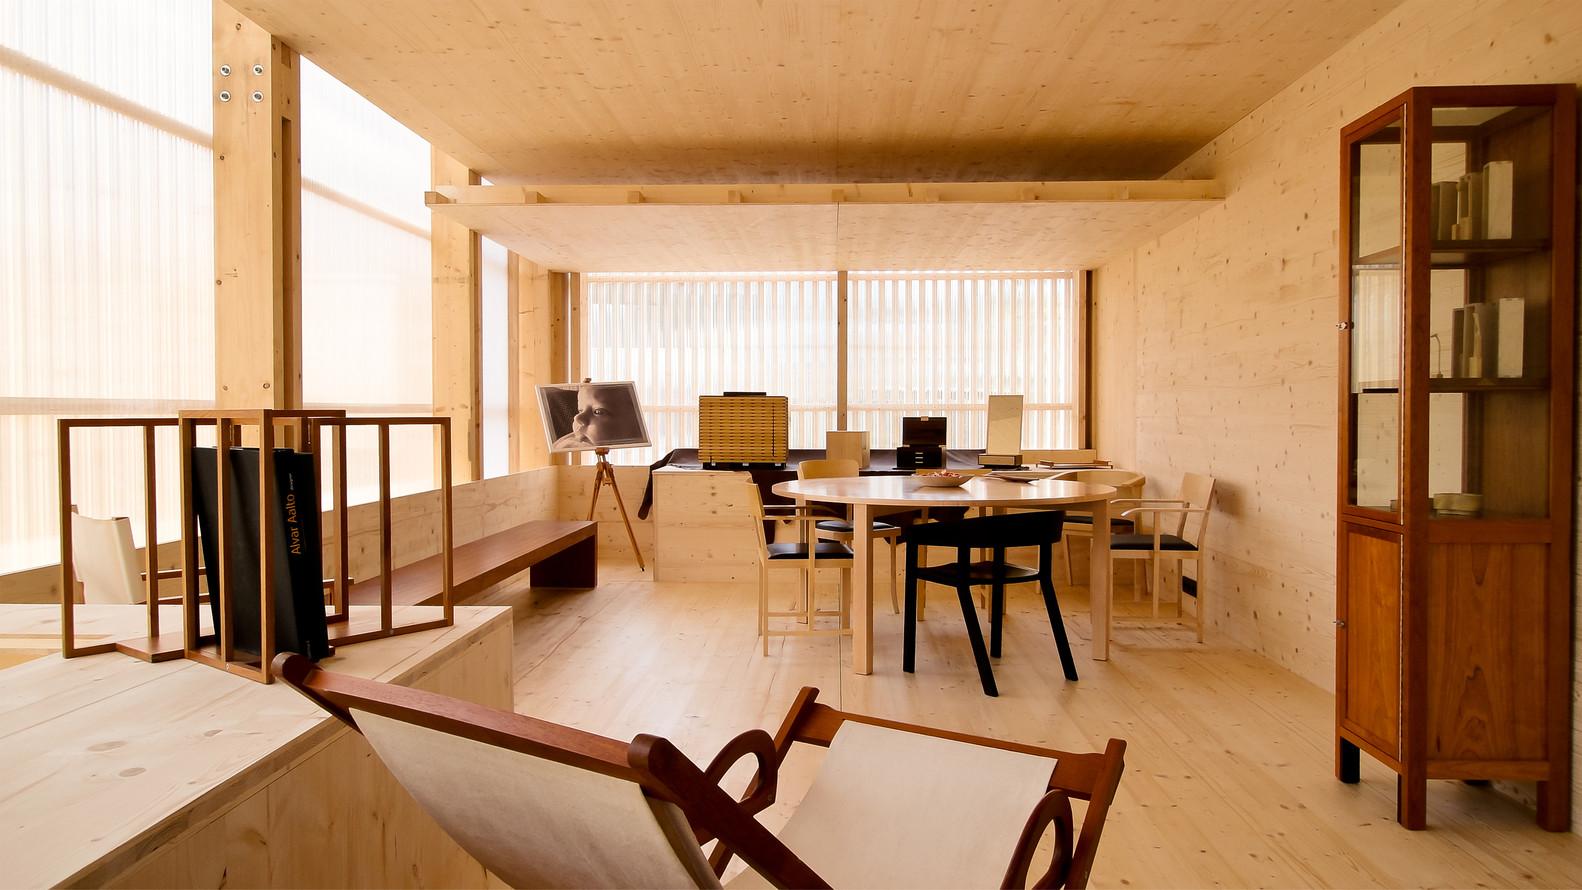 phòng làm việc không gian mở sử dụng tấm lợp Polycarbonate thay cho kính mặt dựng